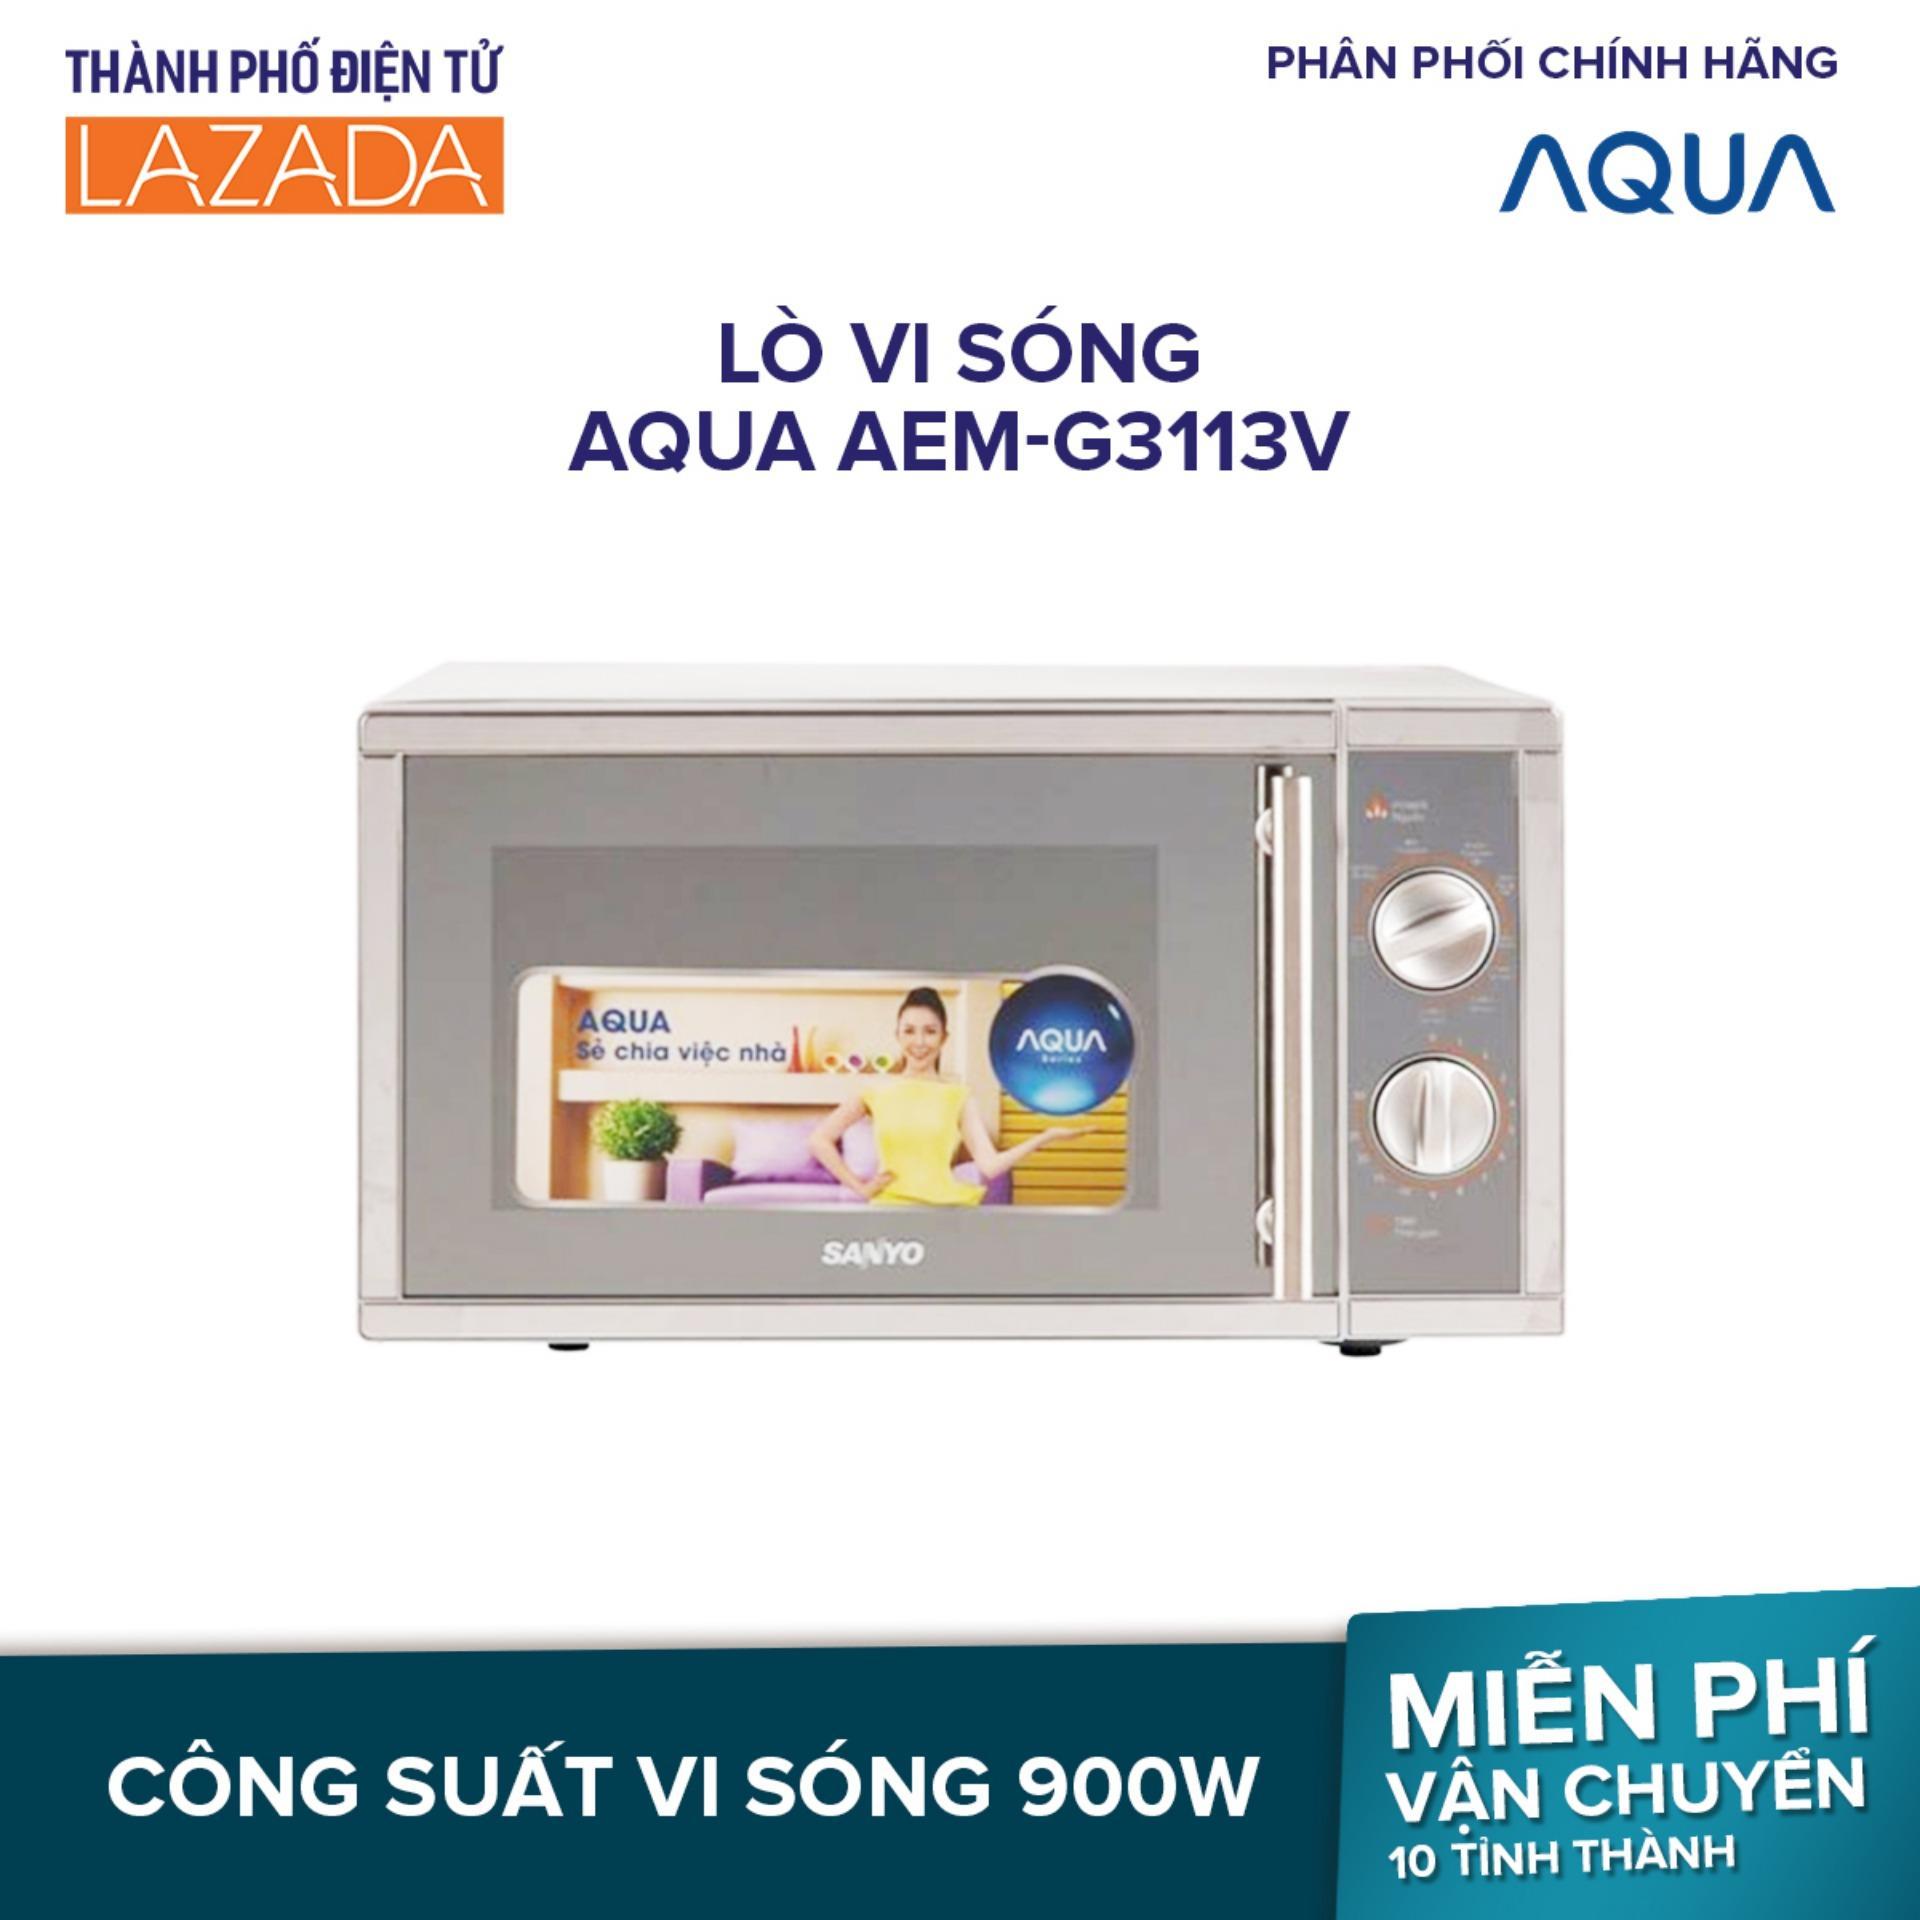 Lò vi sóng AQUA AEM-G3113V - Hàng phân phối chính hãng